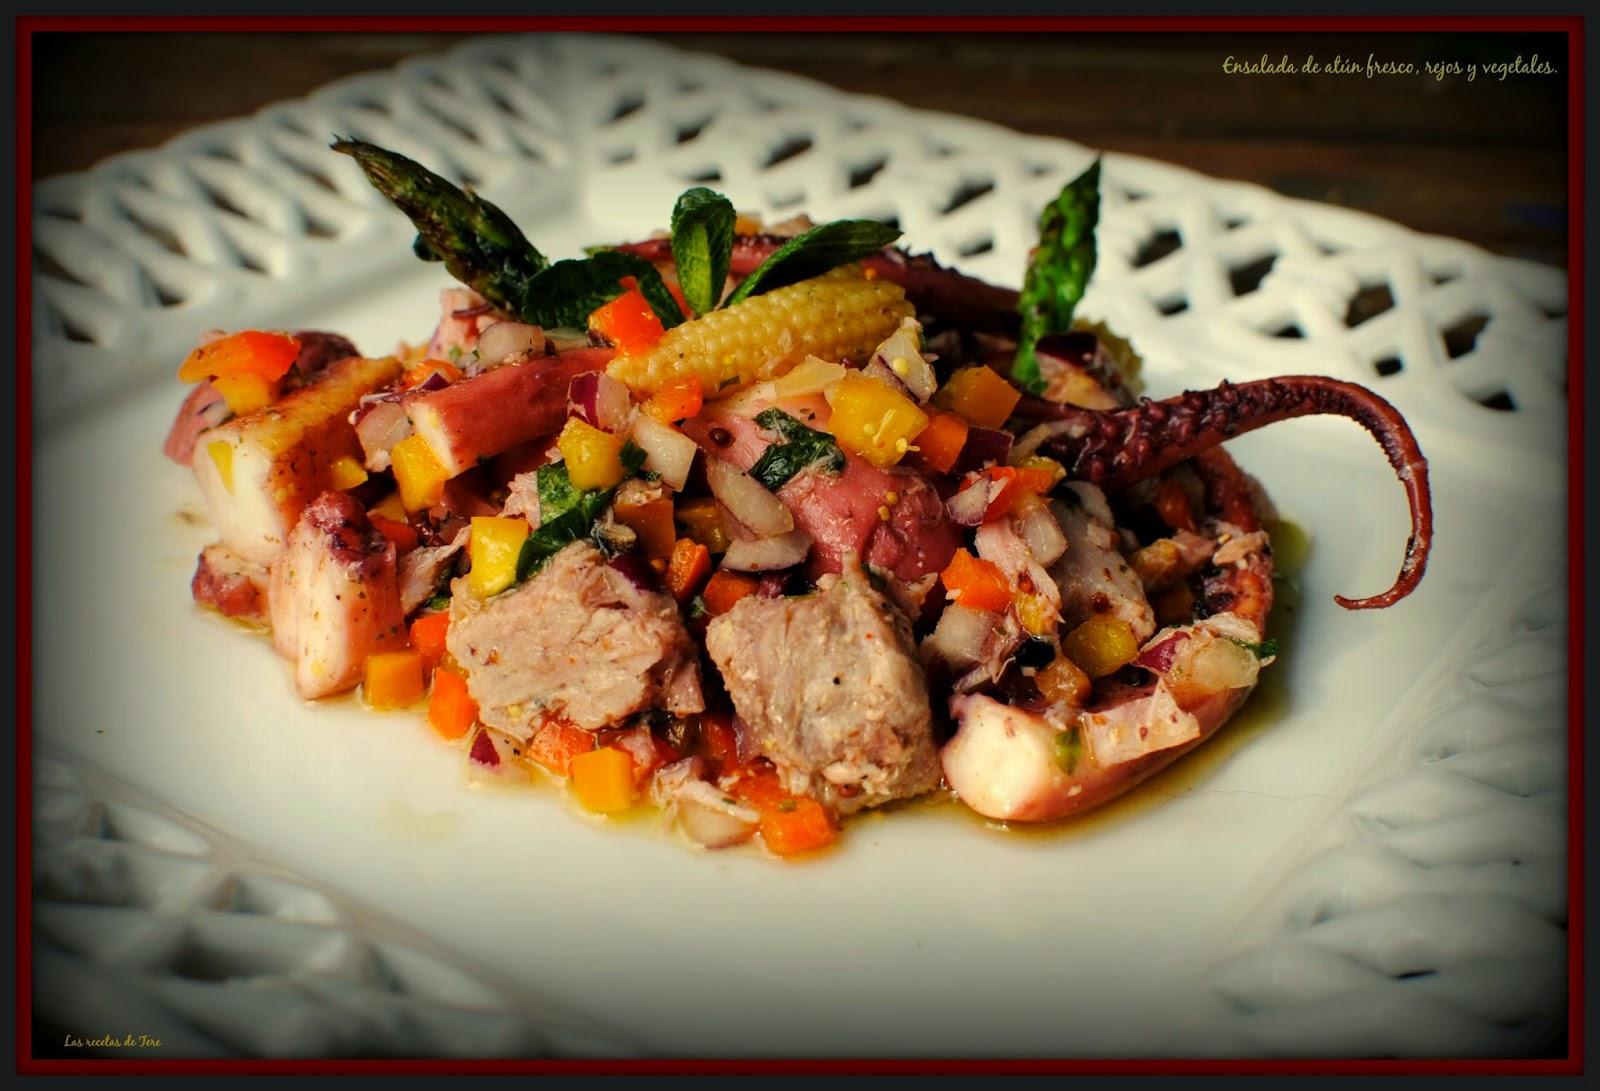 ensalada de atún fresco rejos y vegetales tererecetas 05